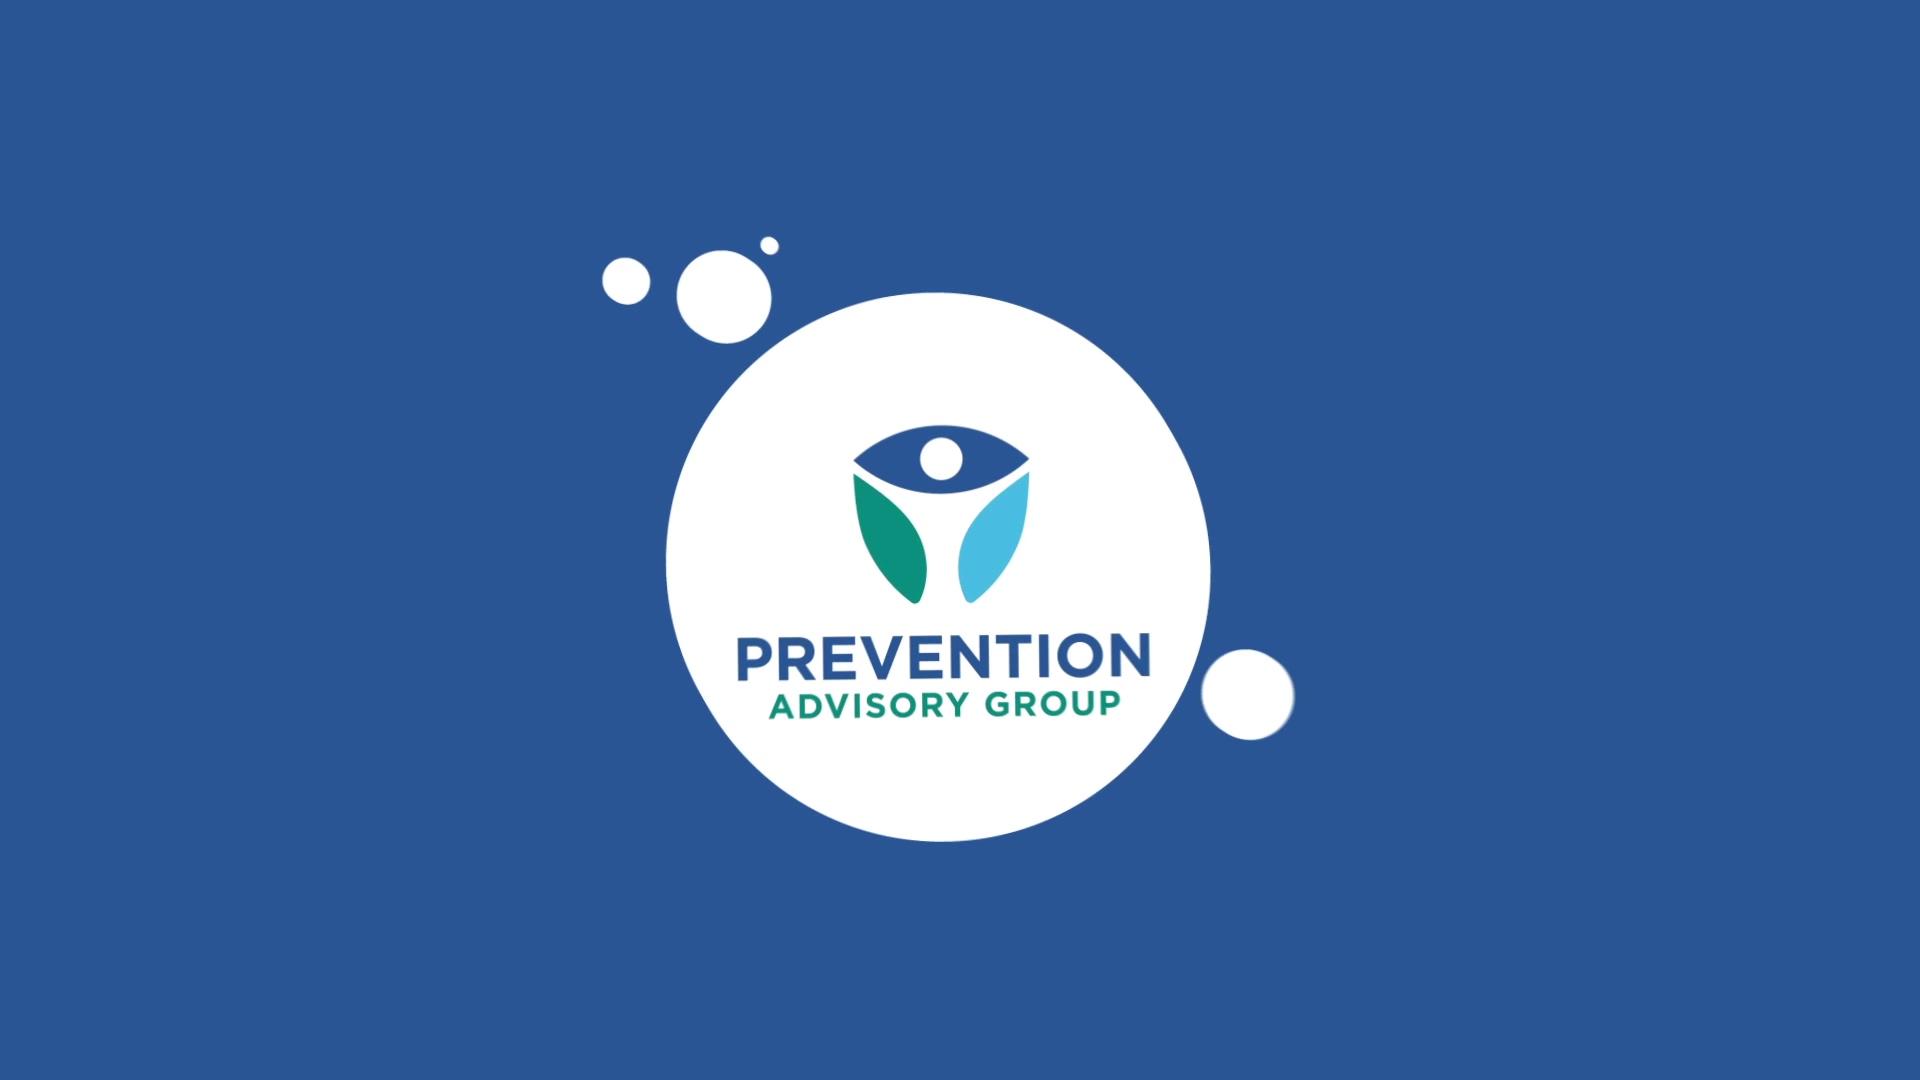 30secondexplainervideos-PreventionAdvisoryGroup_V2-1